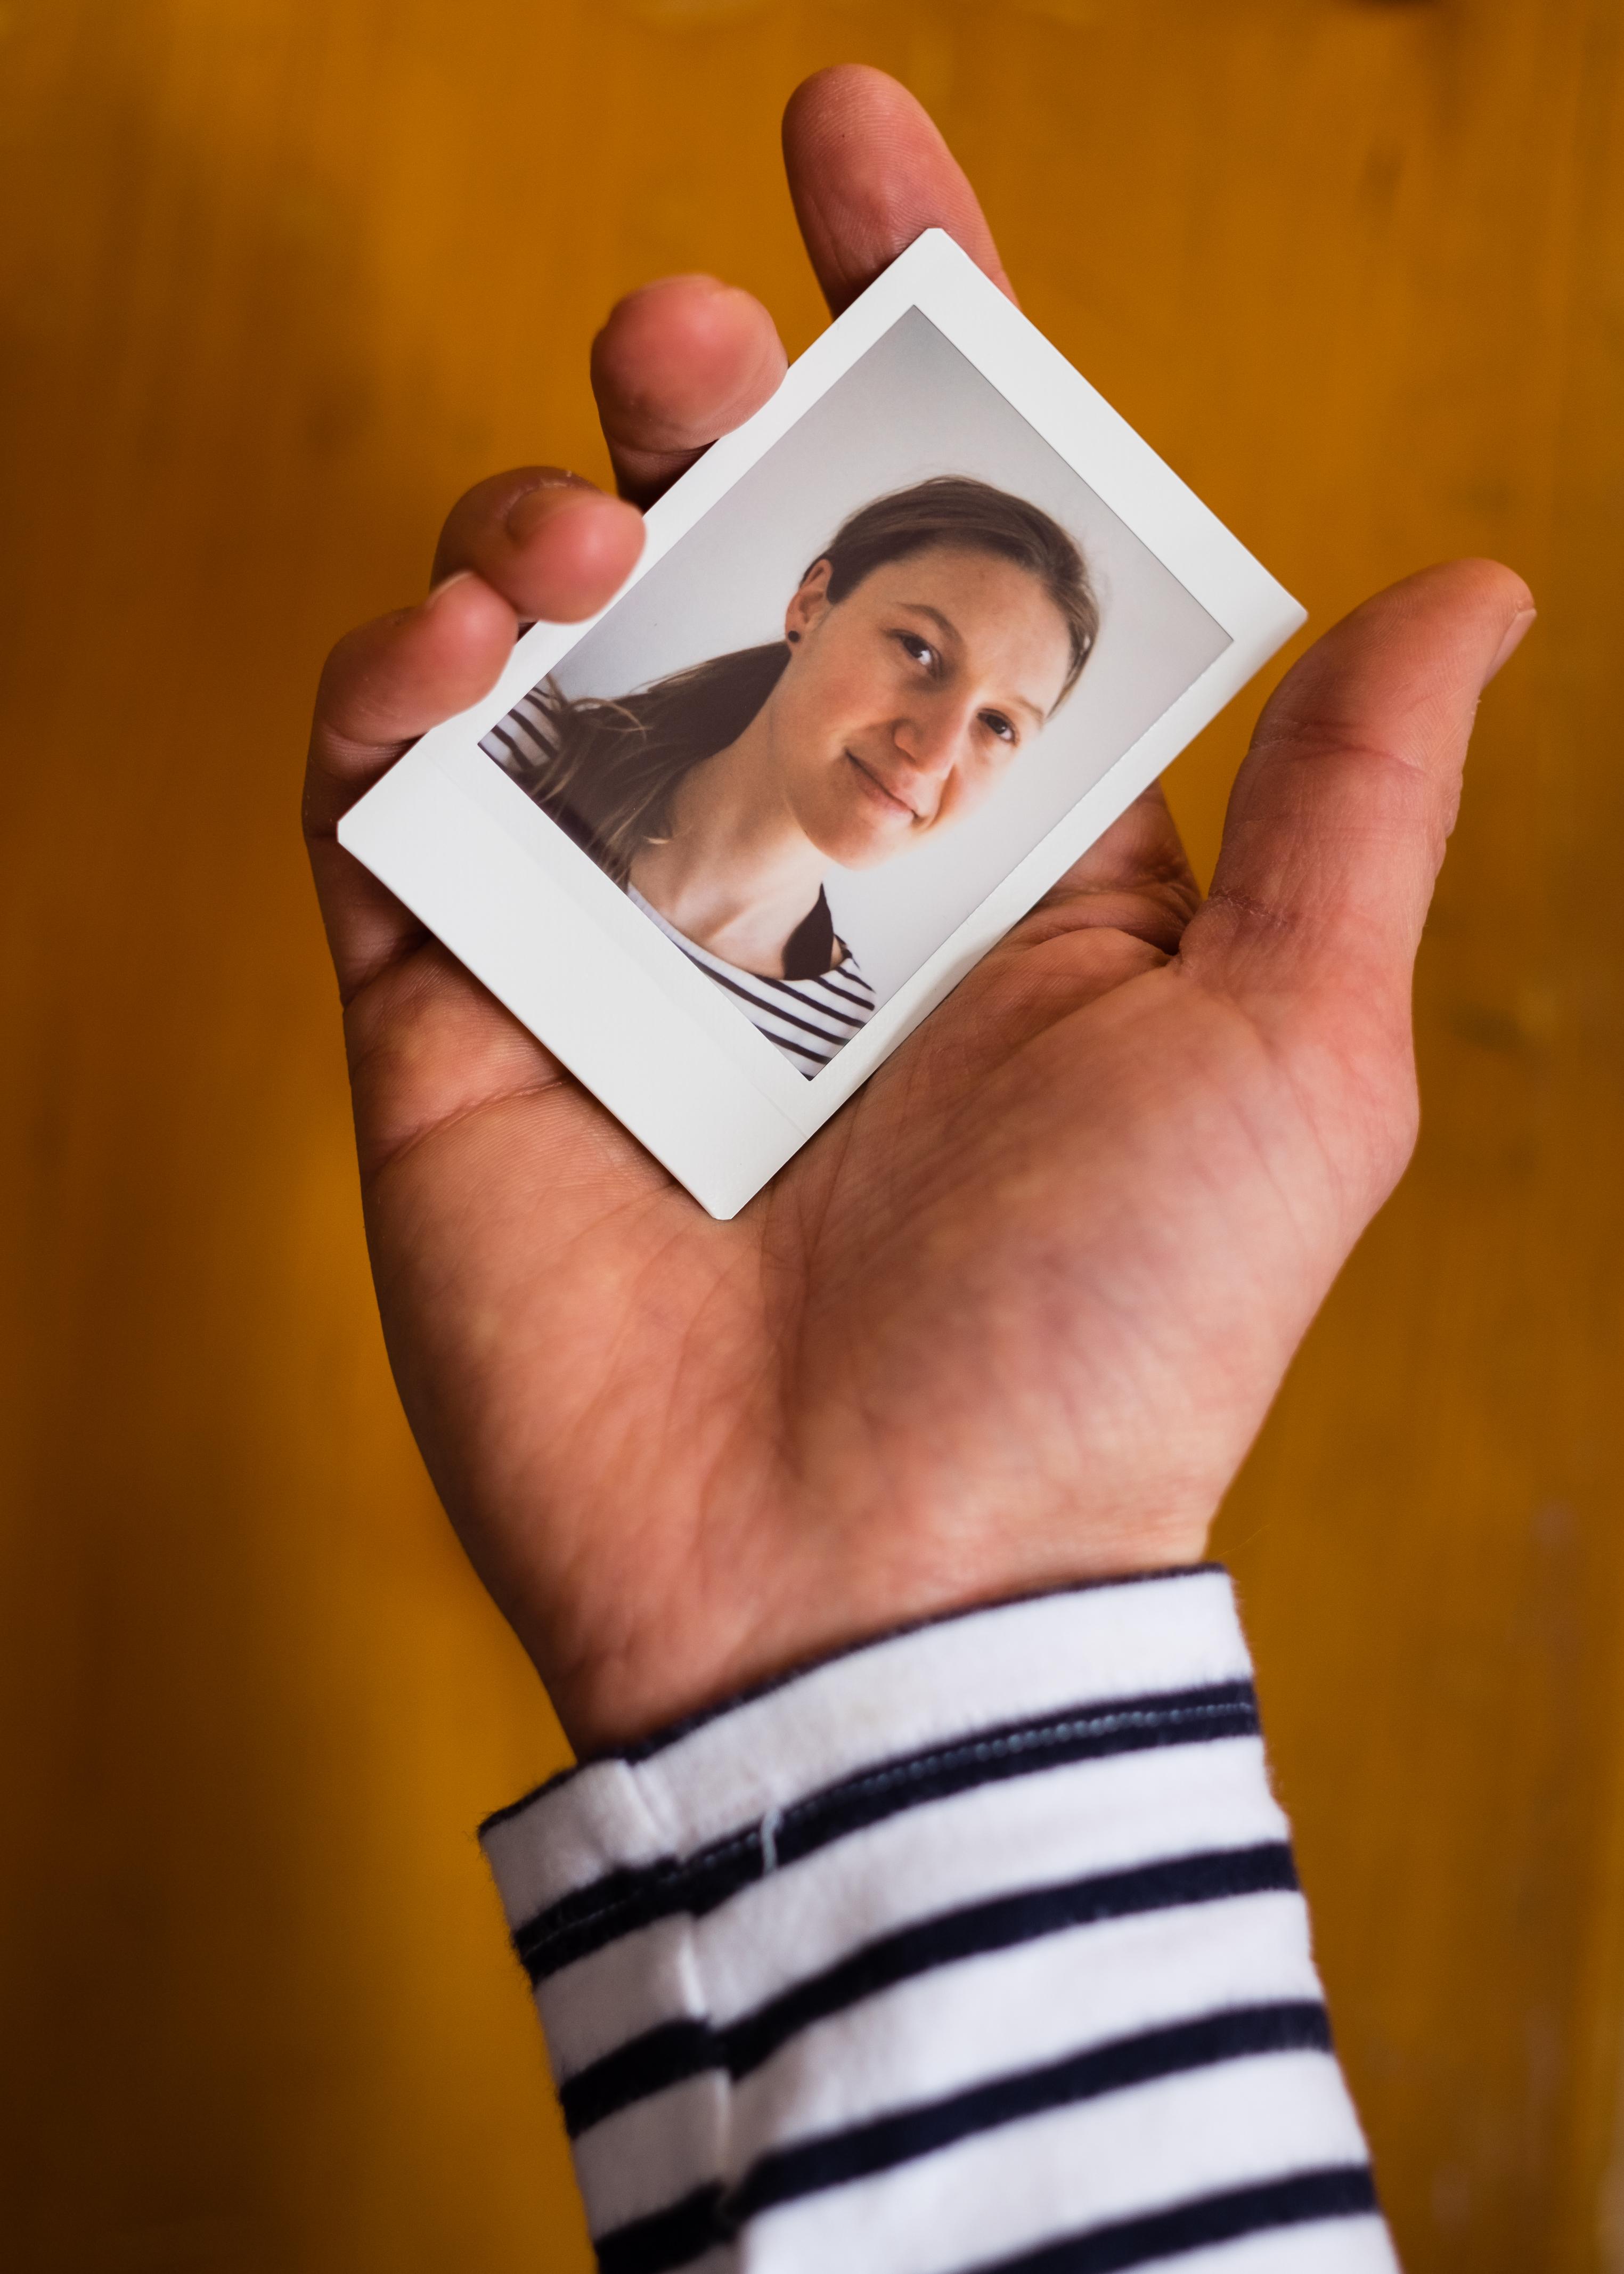 Olivier Bourget portrait dans la main-14